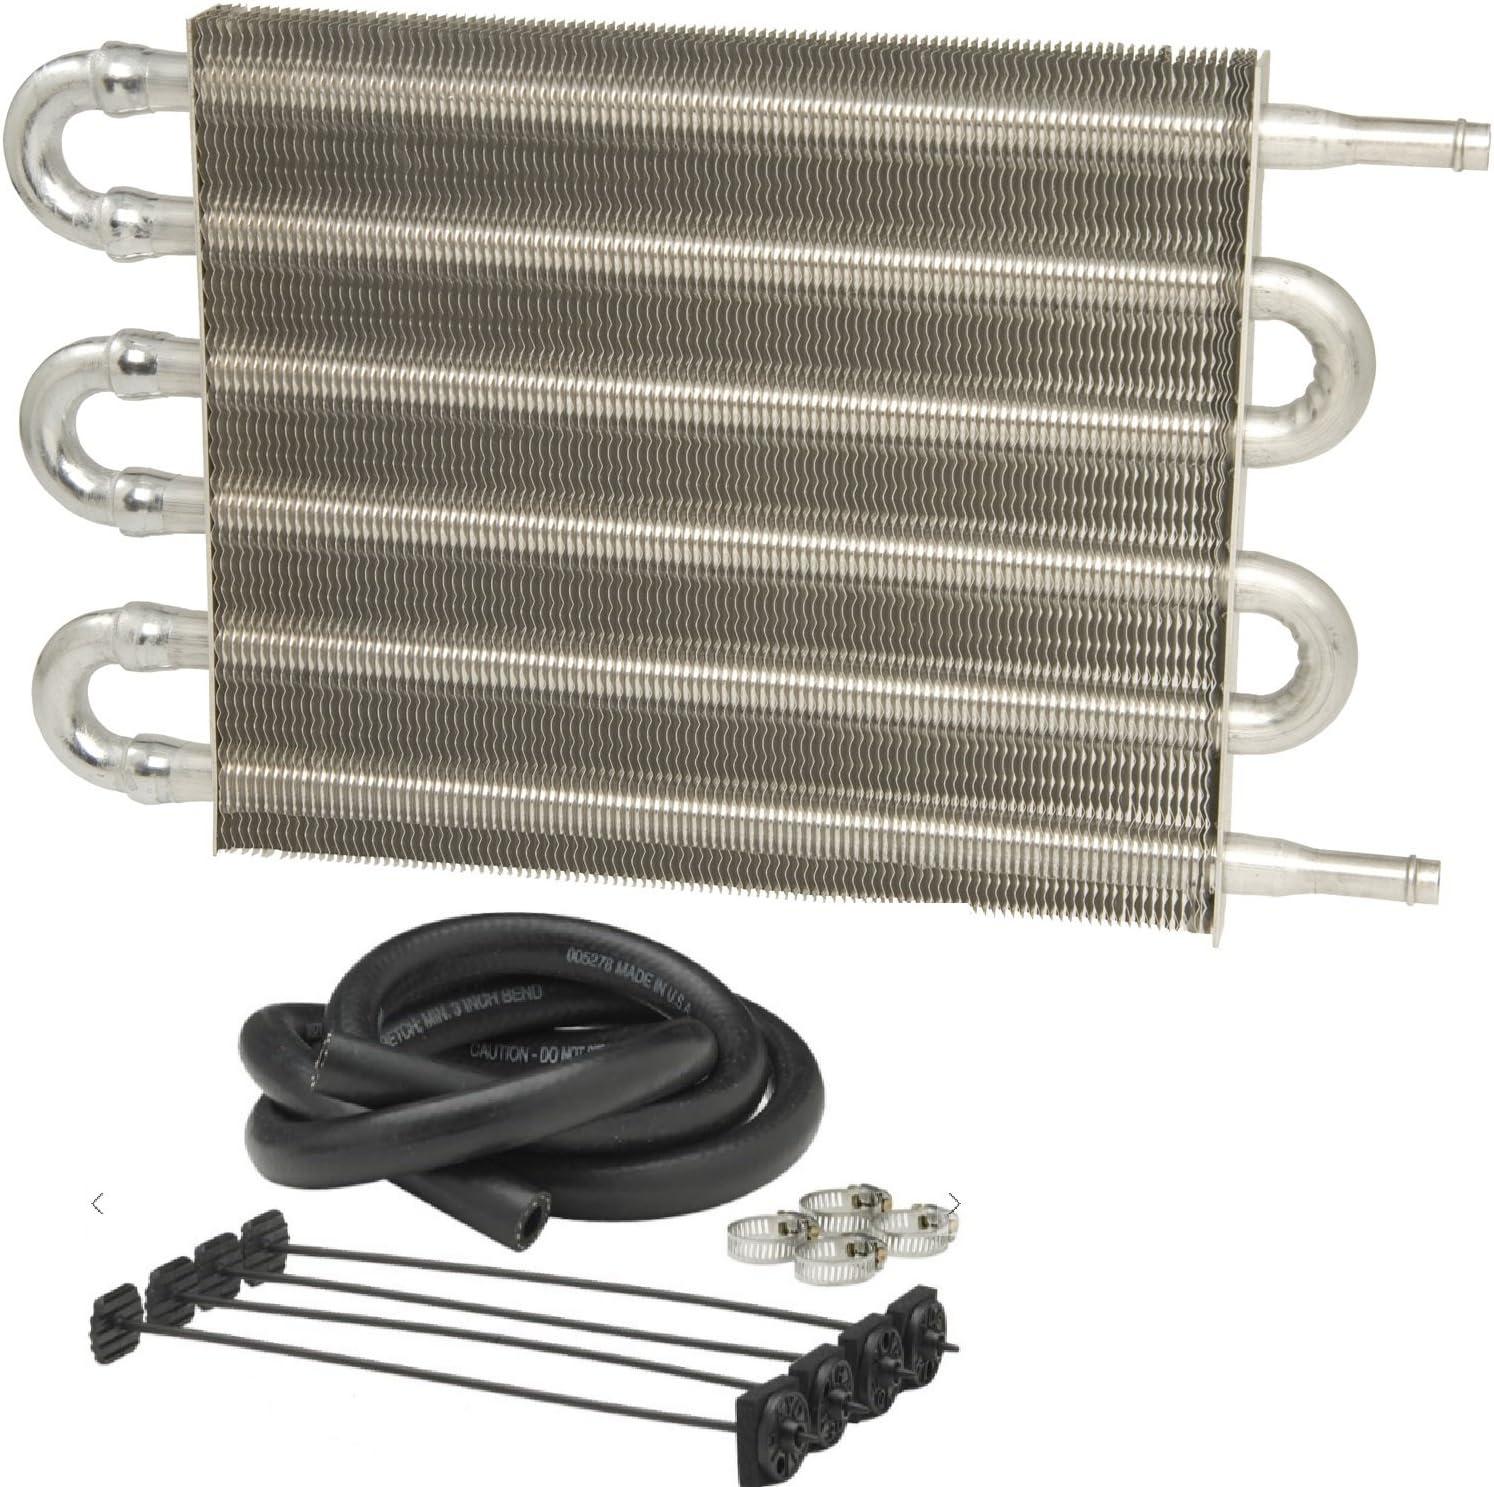 Hayden Genuine Coolers 1403 Ultra-Cool Transmission Oil Credence